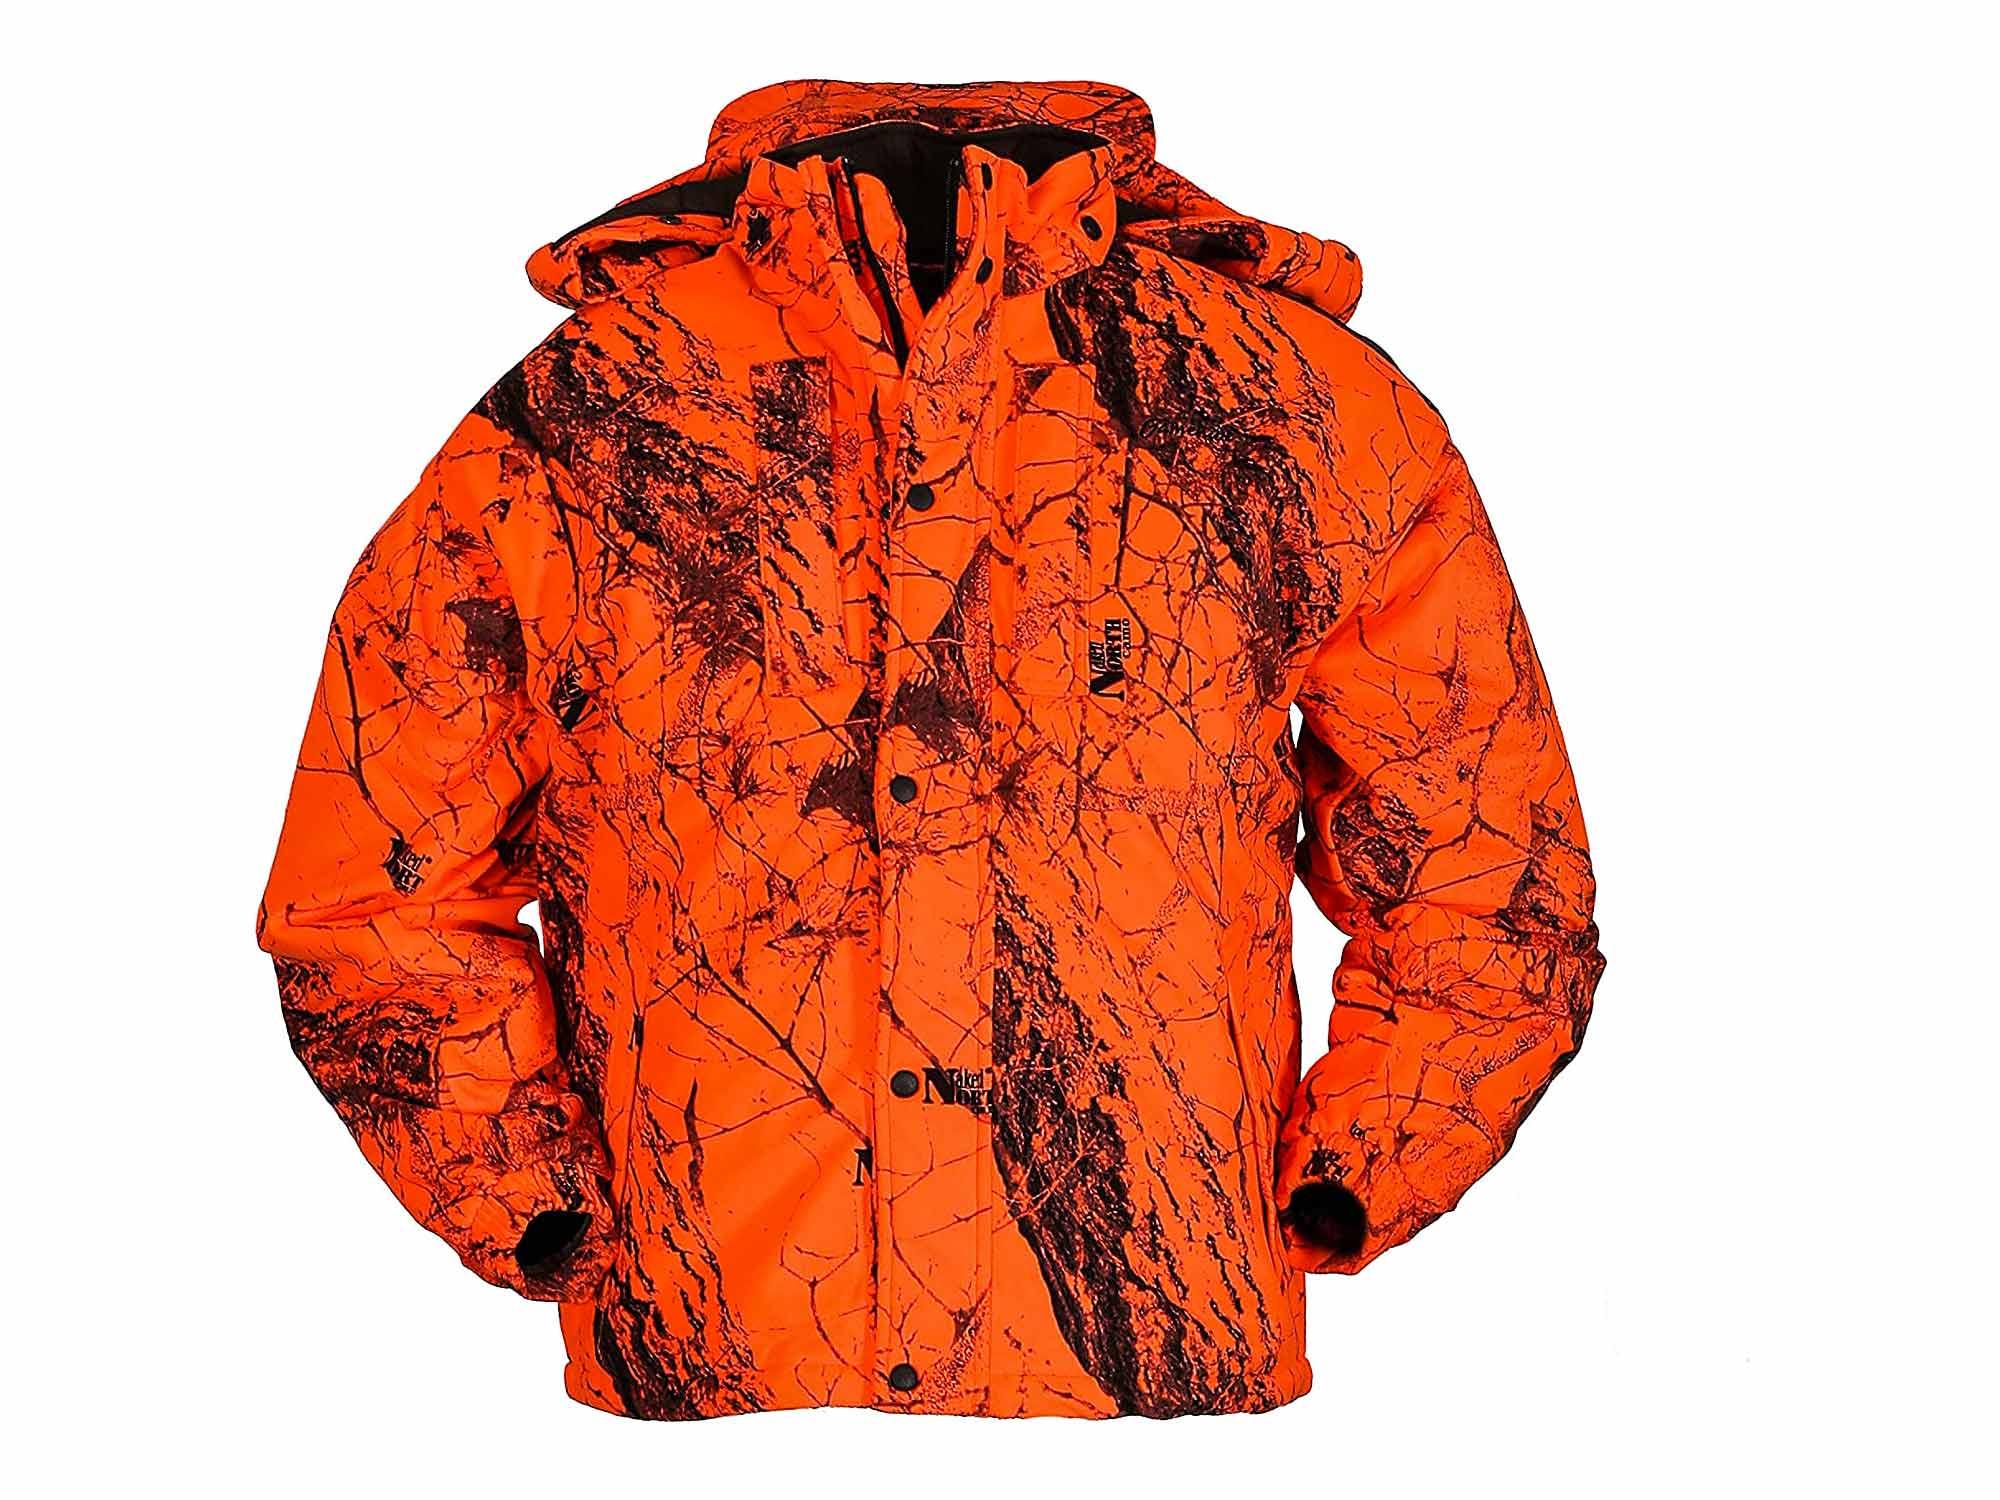 Gamehide Iceman Waterproof Fleece Blaze Orange Jacket